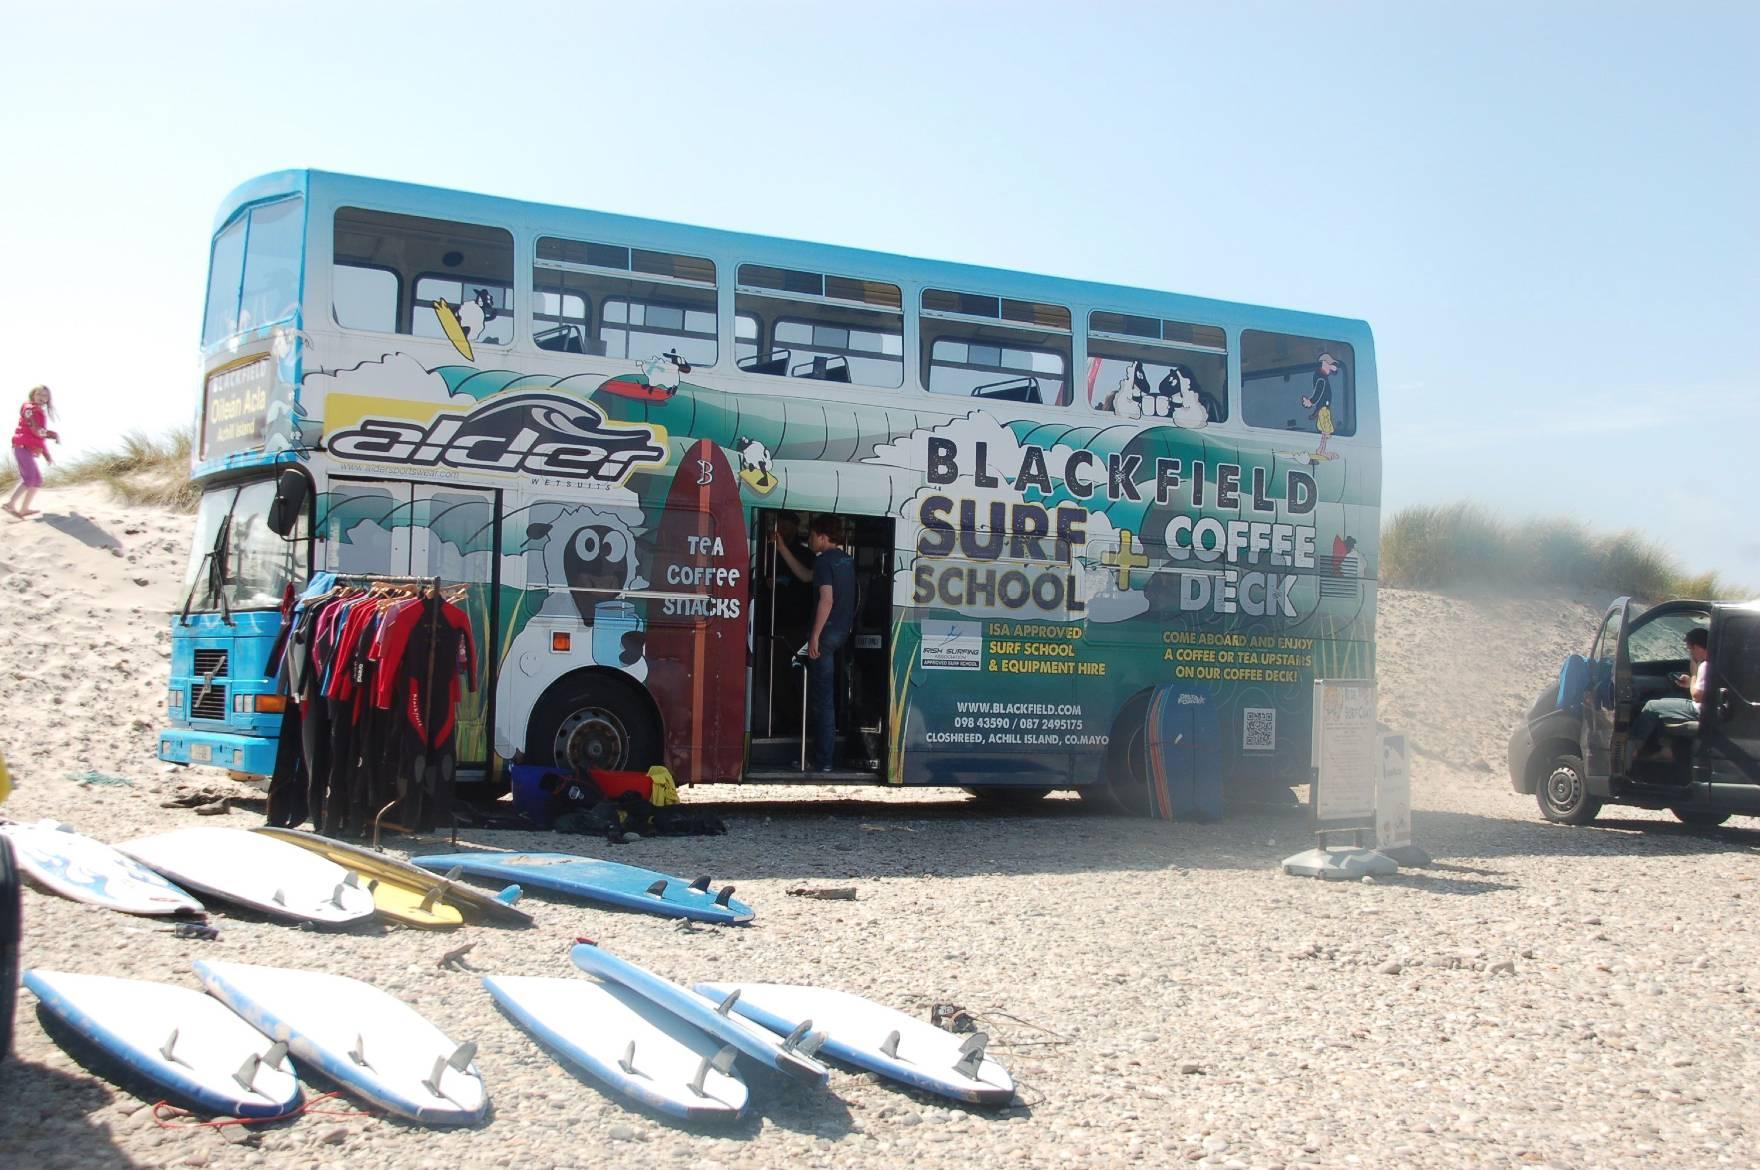 Der Bus der Surfschule Blackfield auf Achill Island